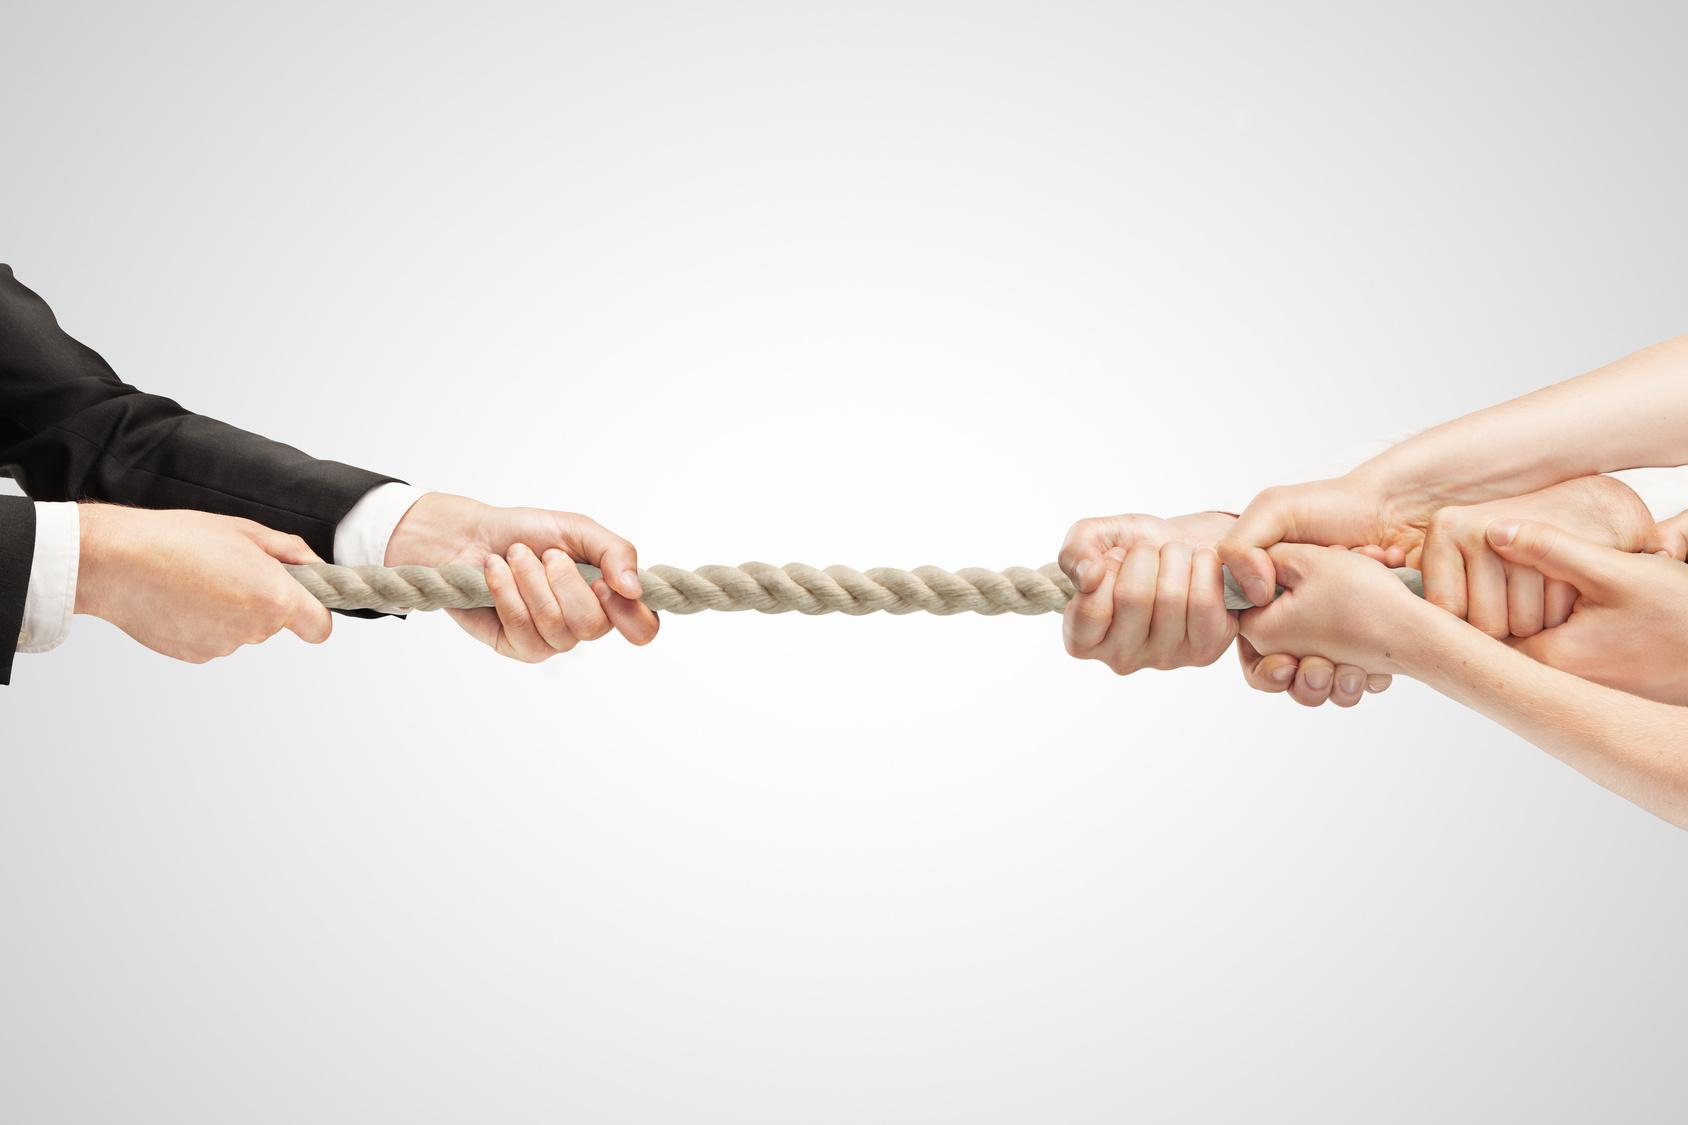 Коллективный иск по трудовому спору